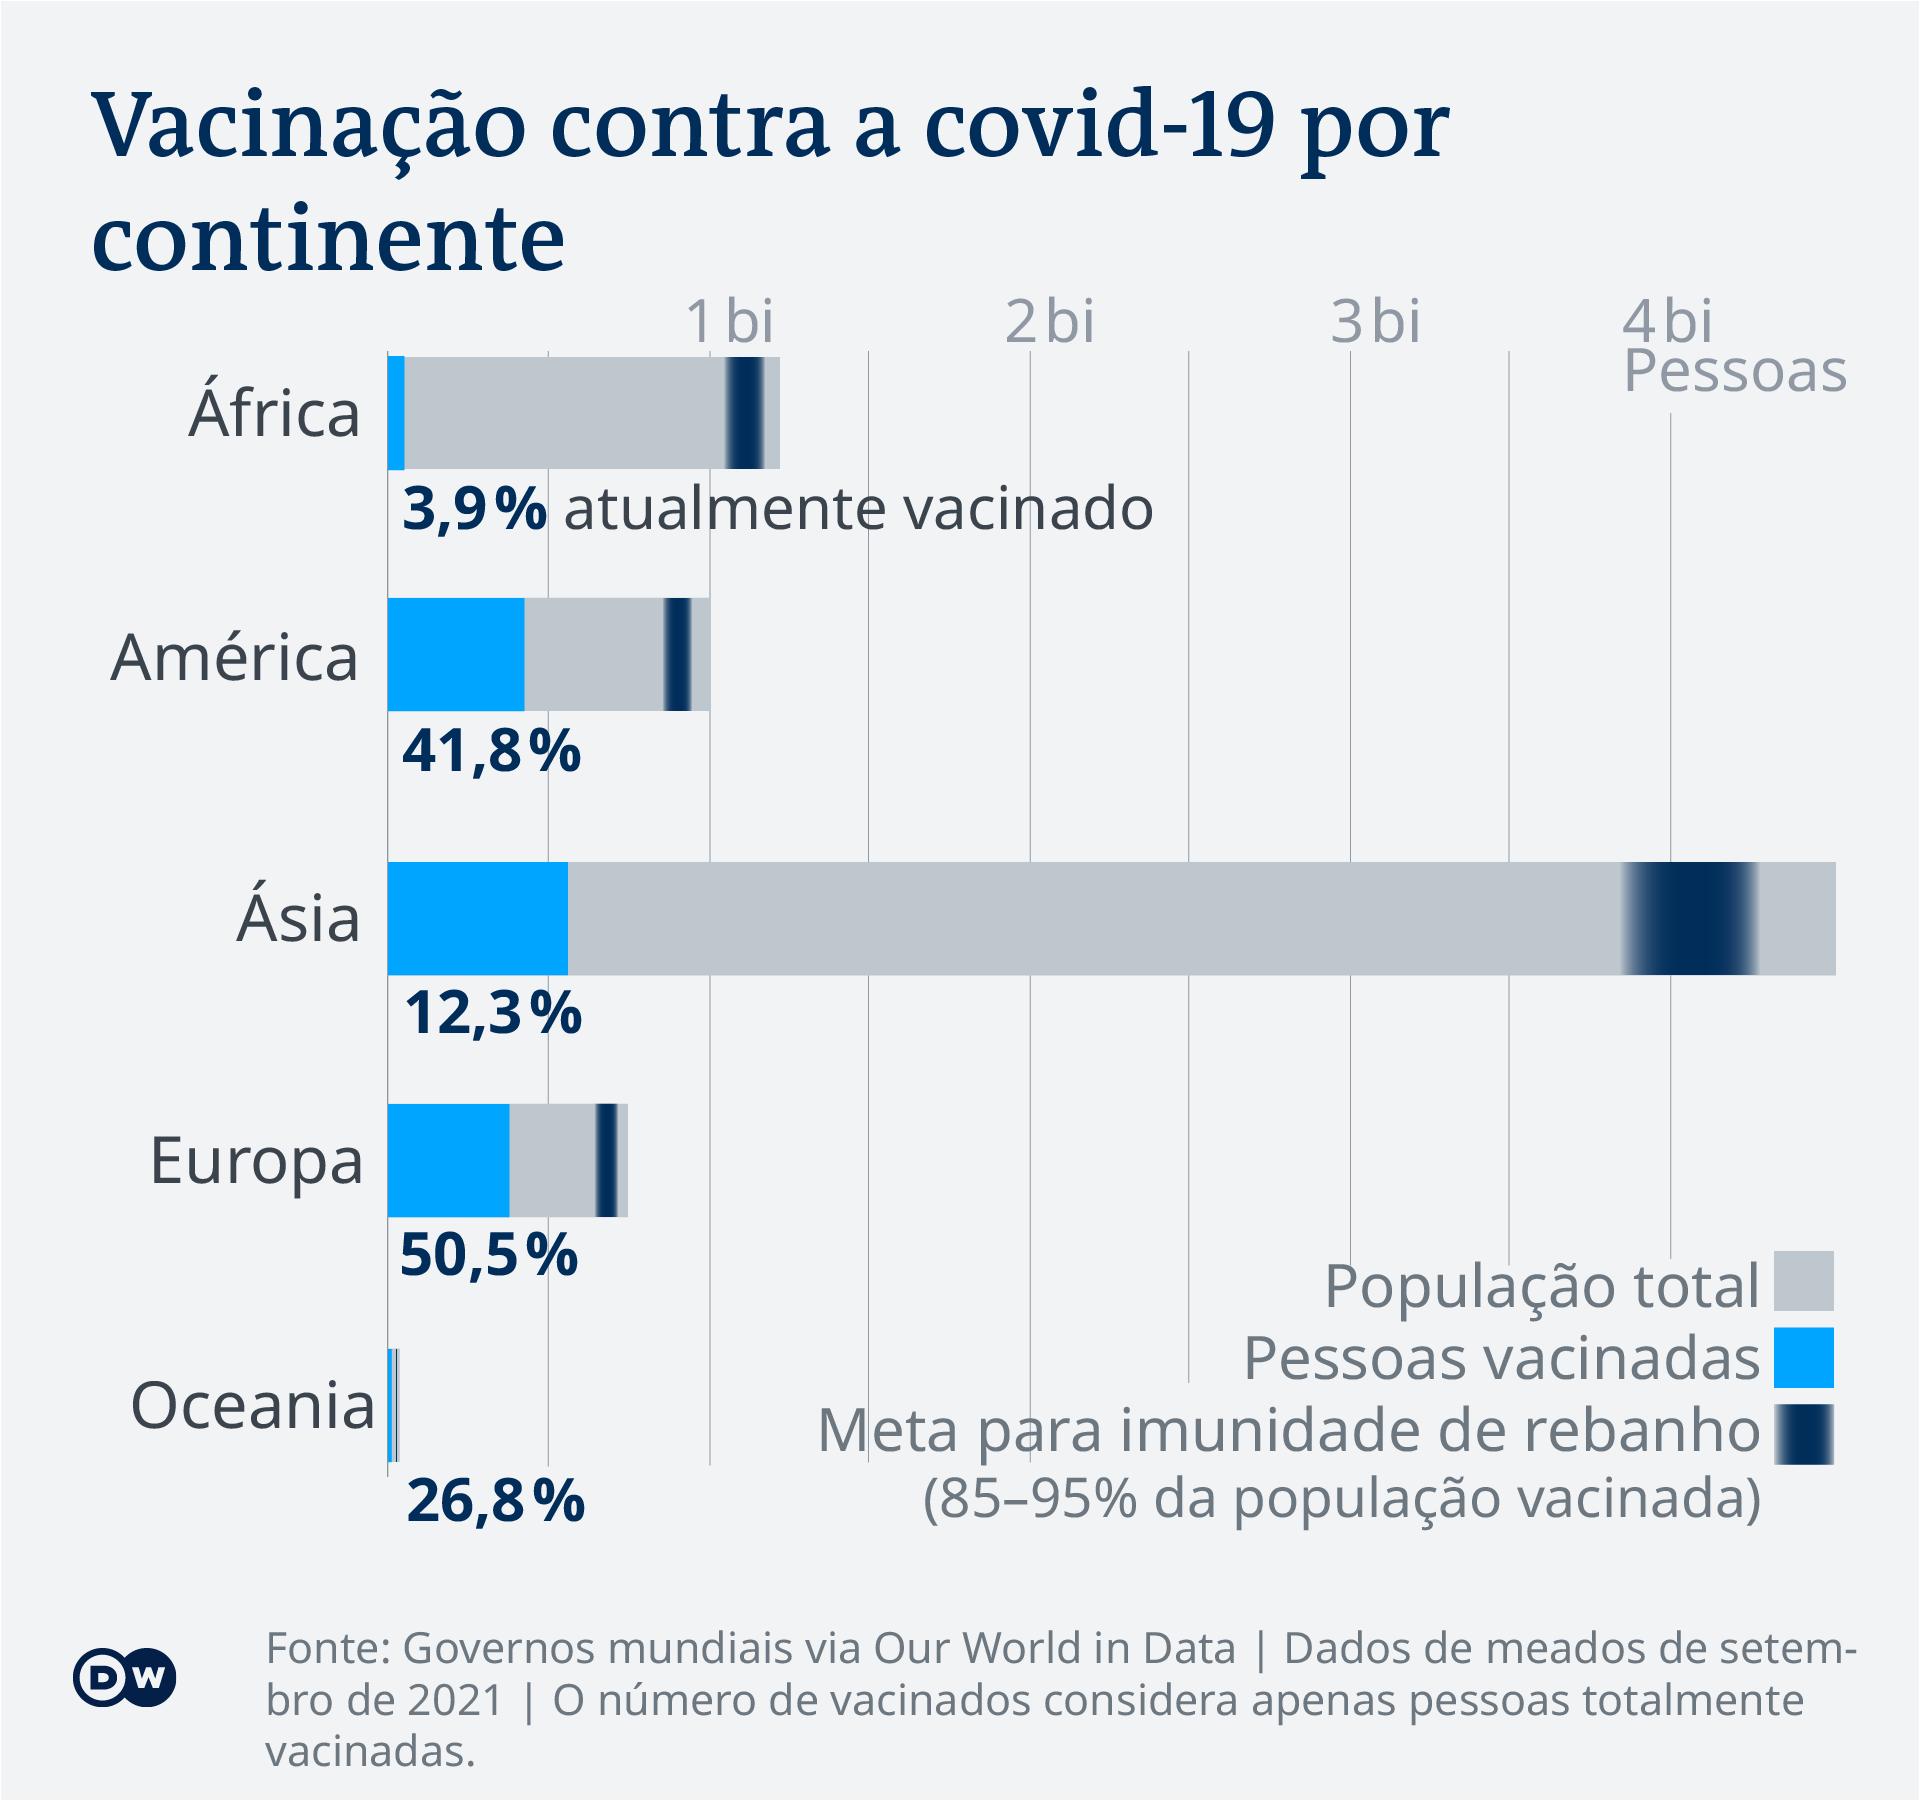 Vacinação contra a covid-19 por continente